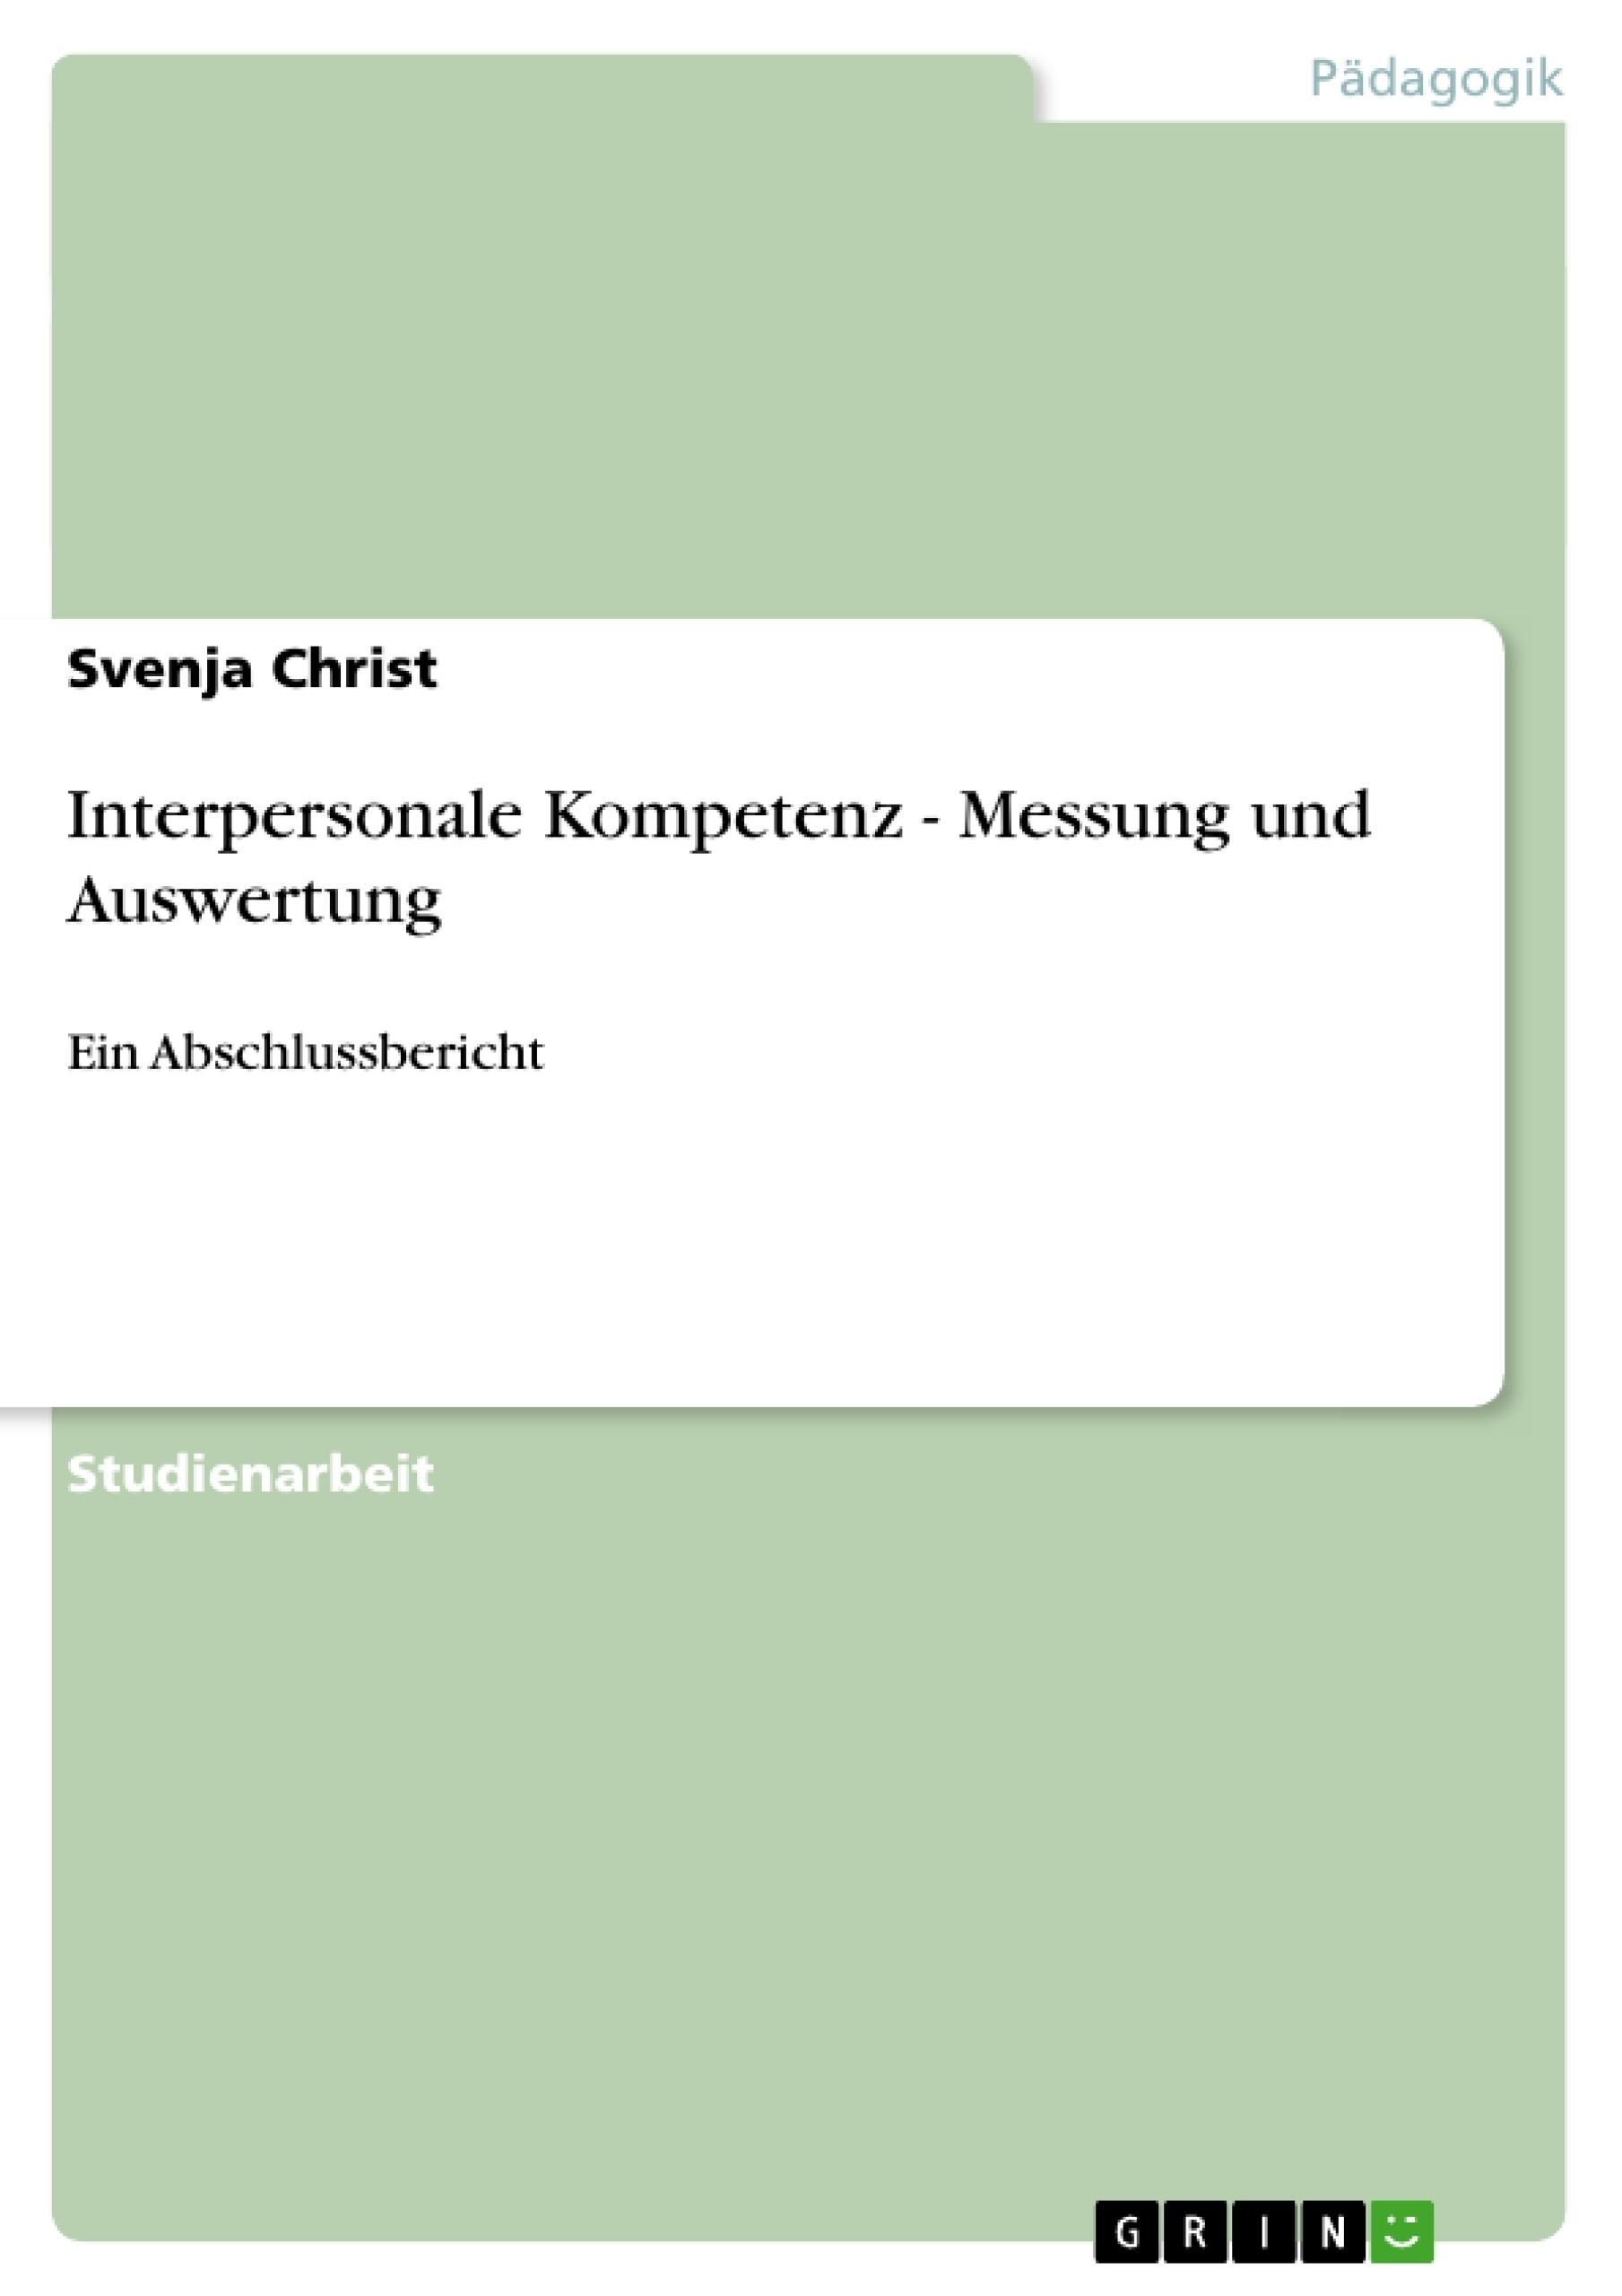 Titel: Interpersonale Kompetenz - Messung und Auswertung